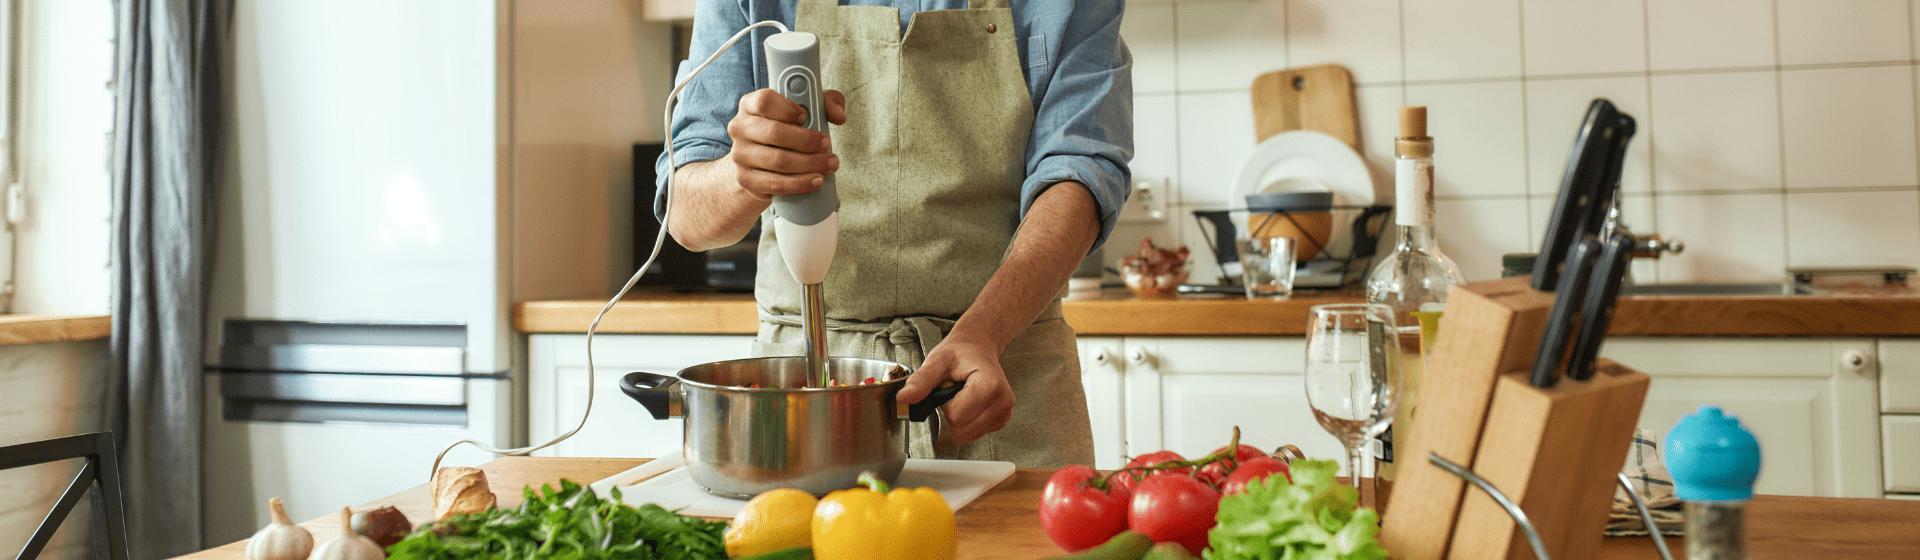 Vale a pena comprar um mixer? 5 vantagens de investir no eletroportátil